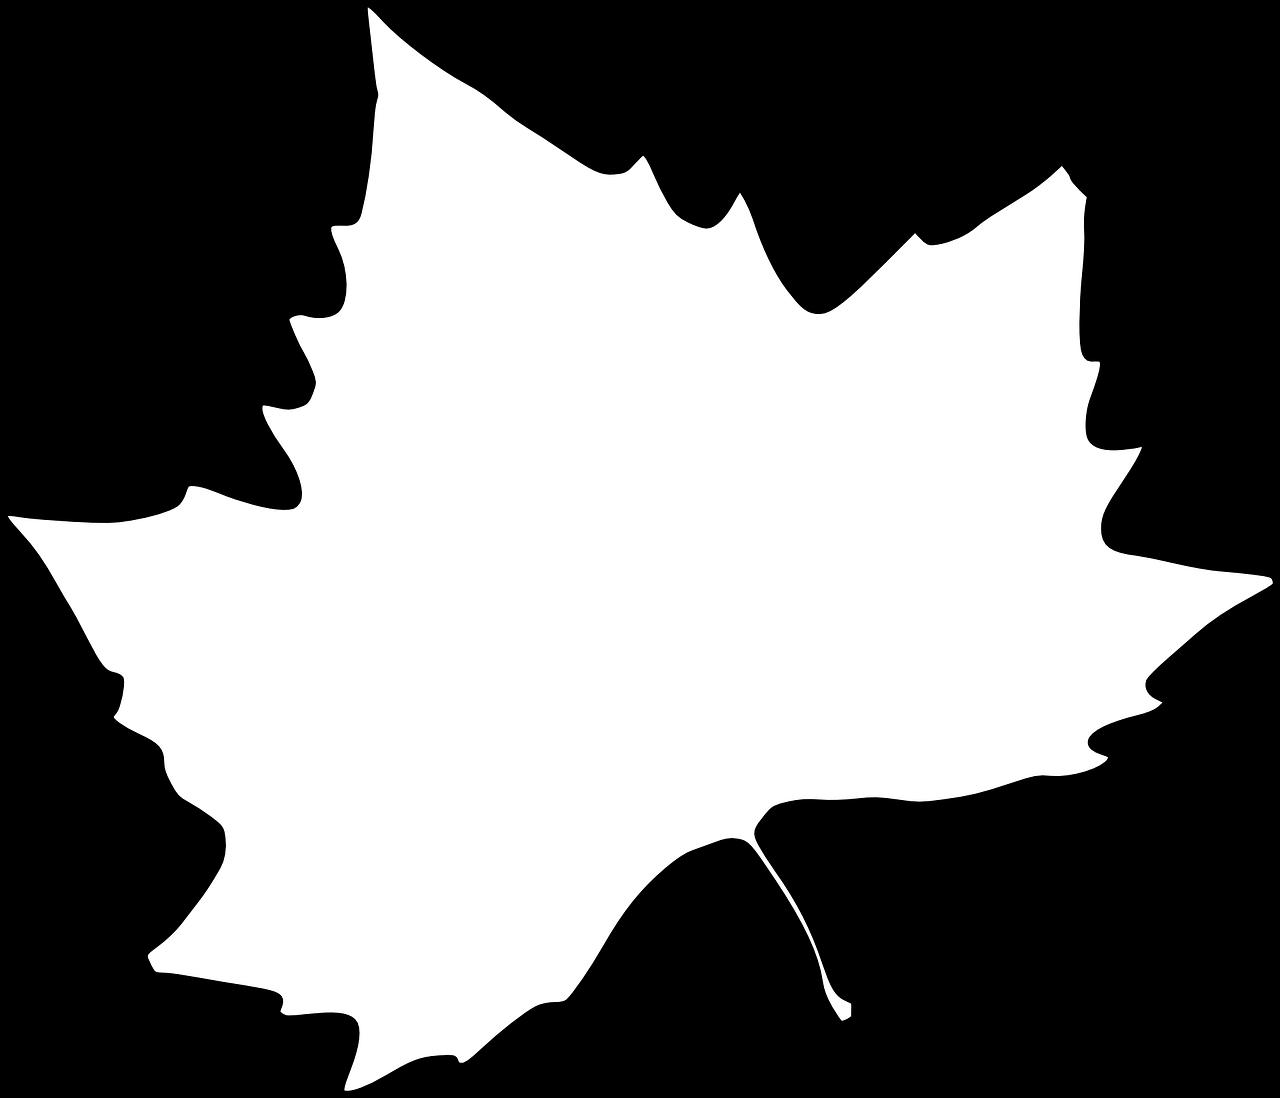 Картинки контура кленового листа